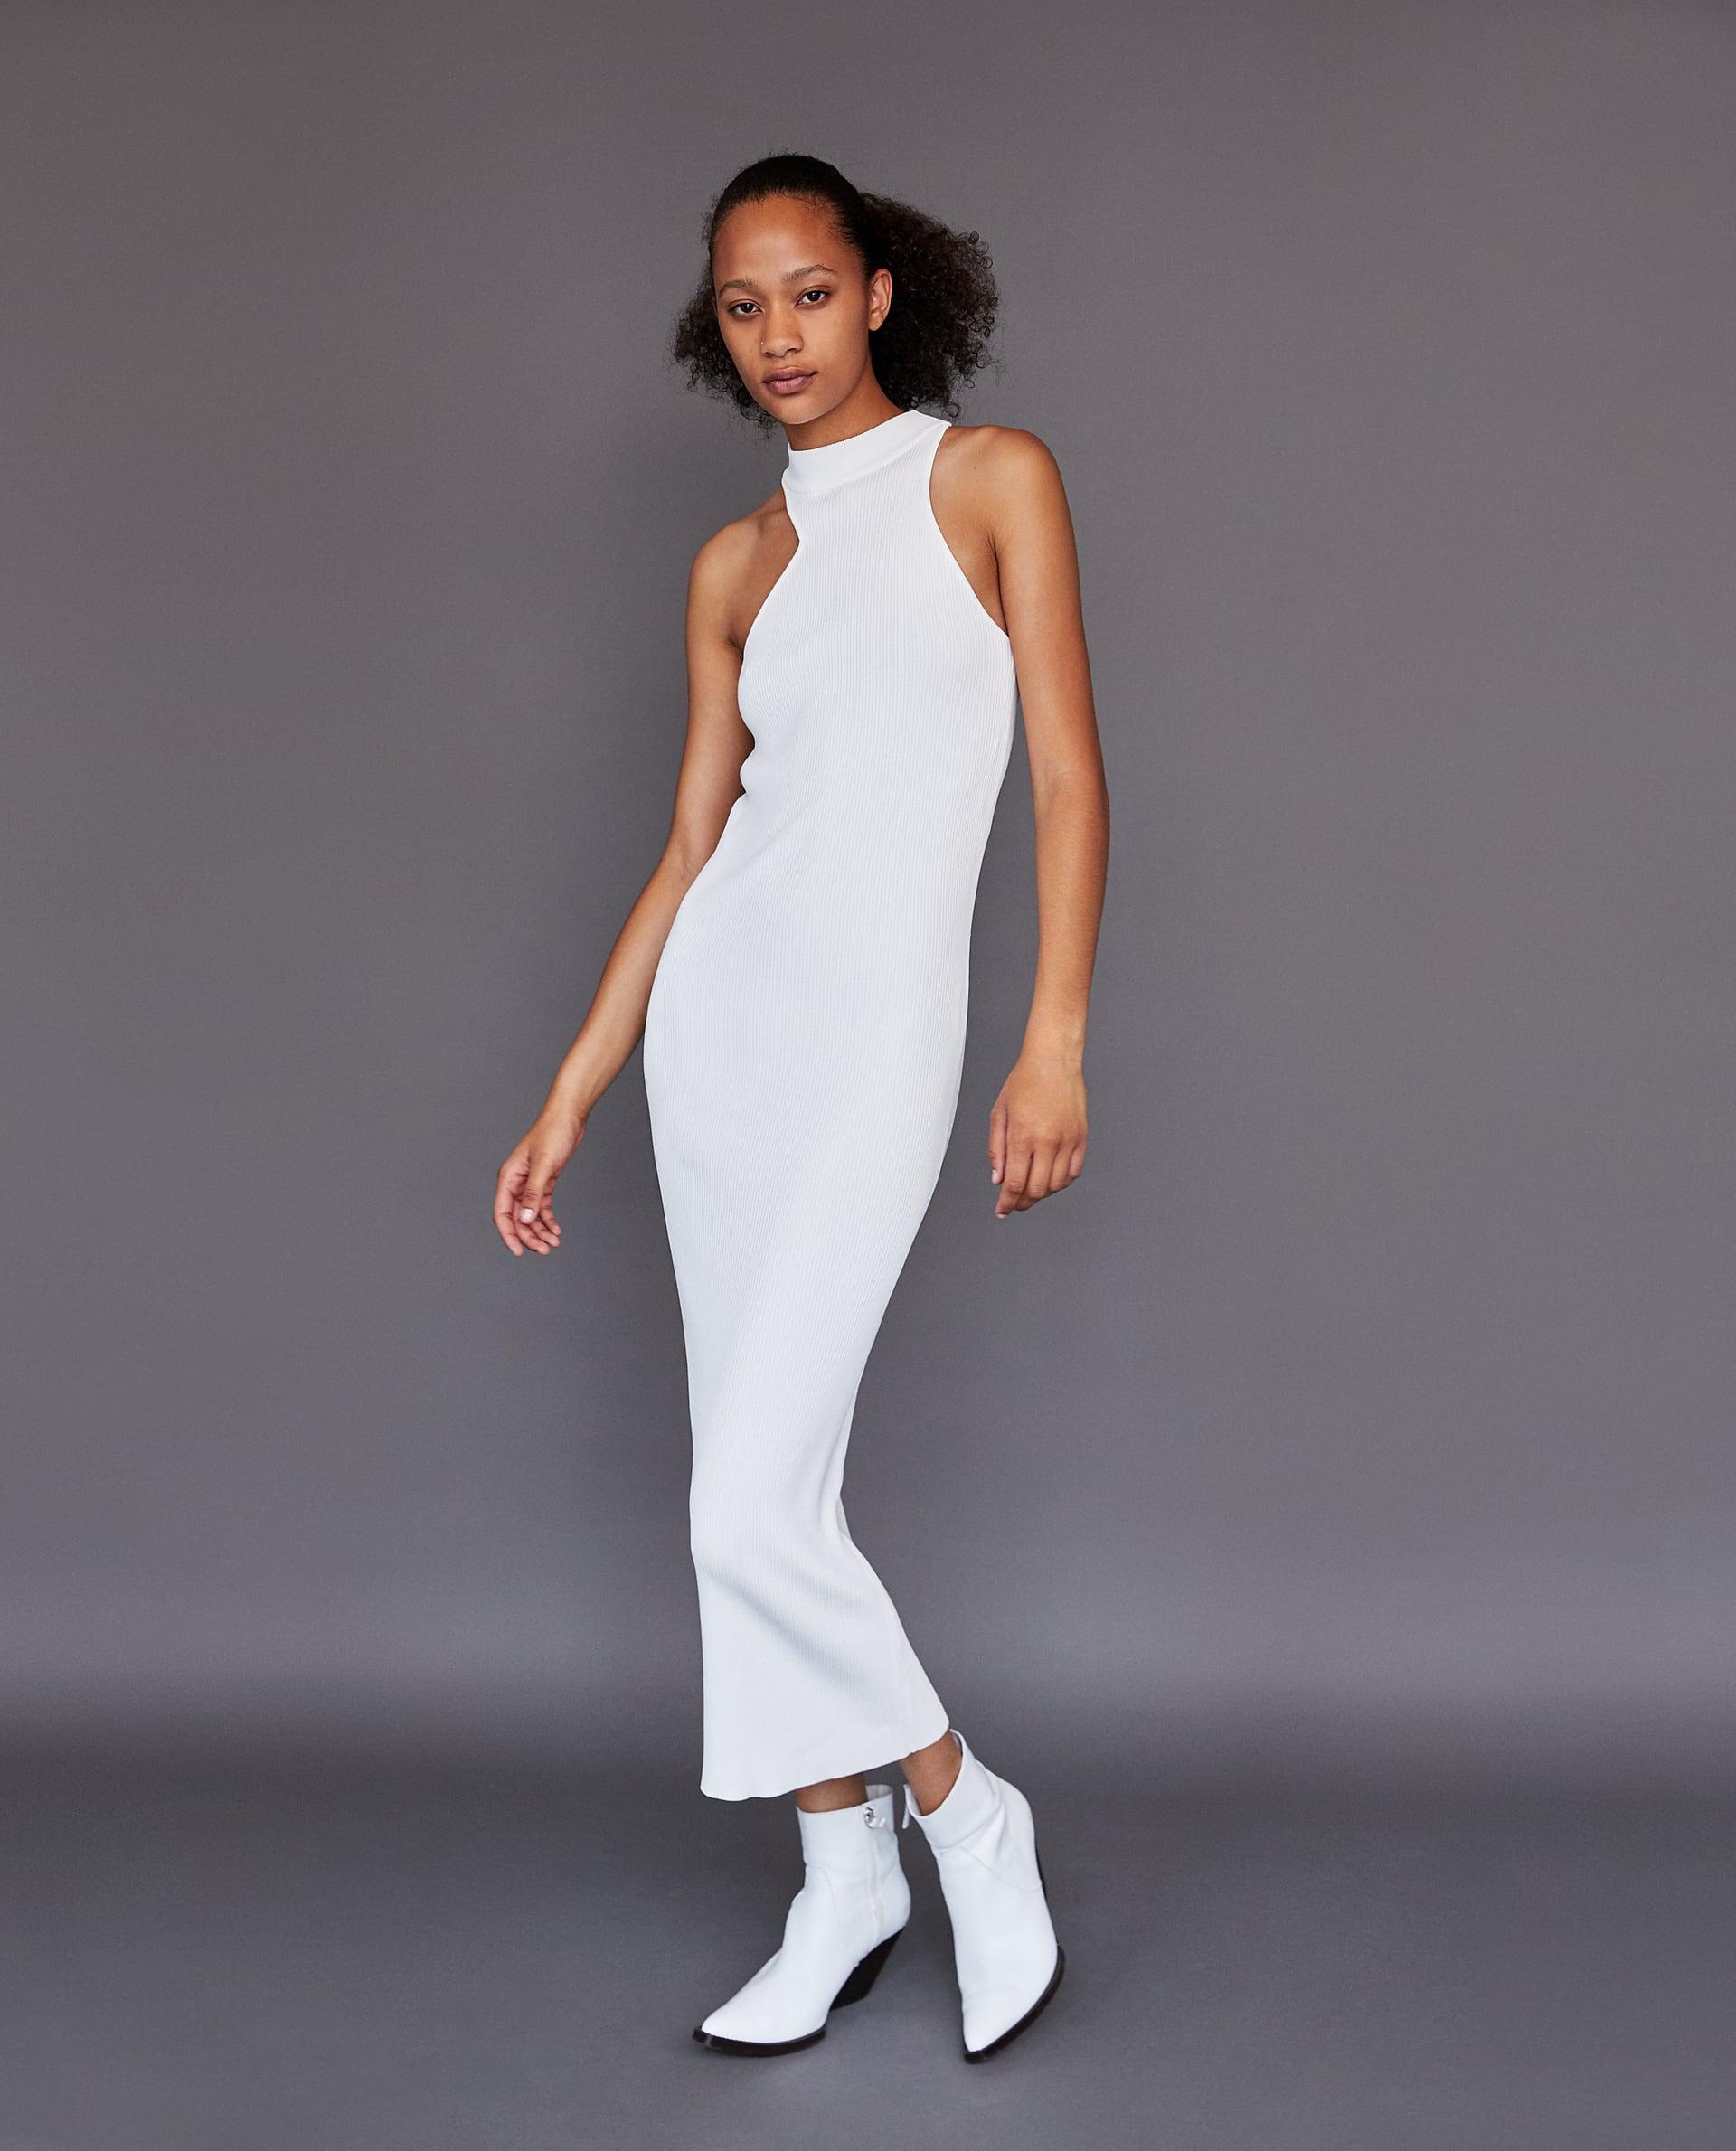 8. kép: Nyaknál passzos fehér ruha Zara 8995 Ft